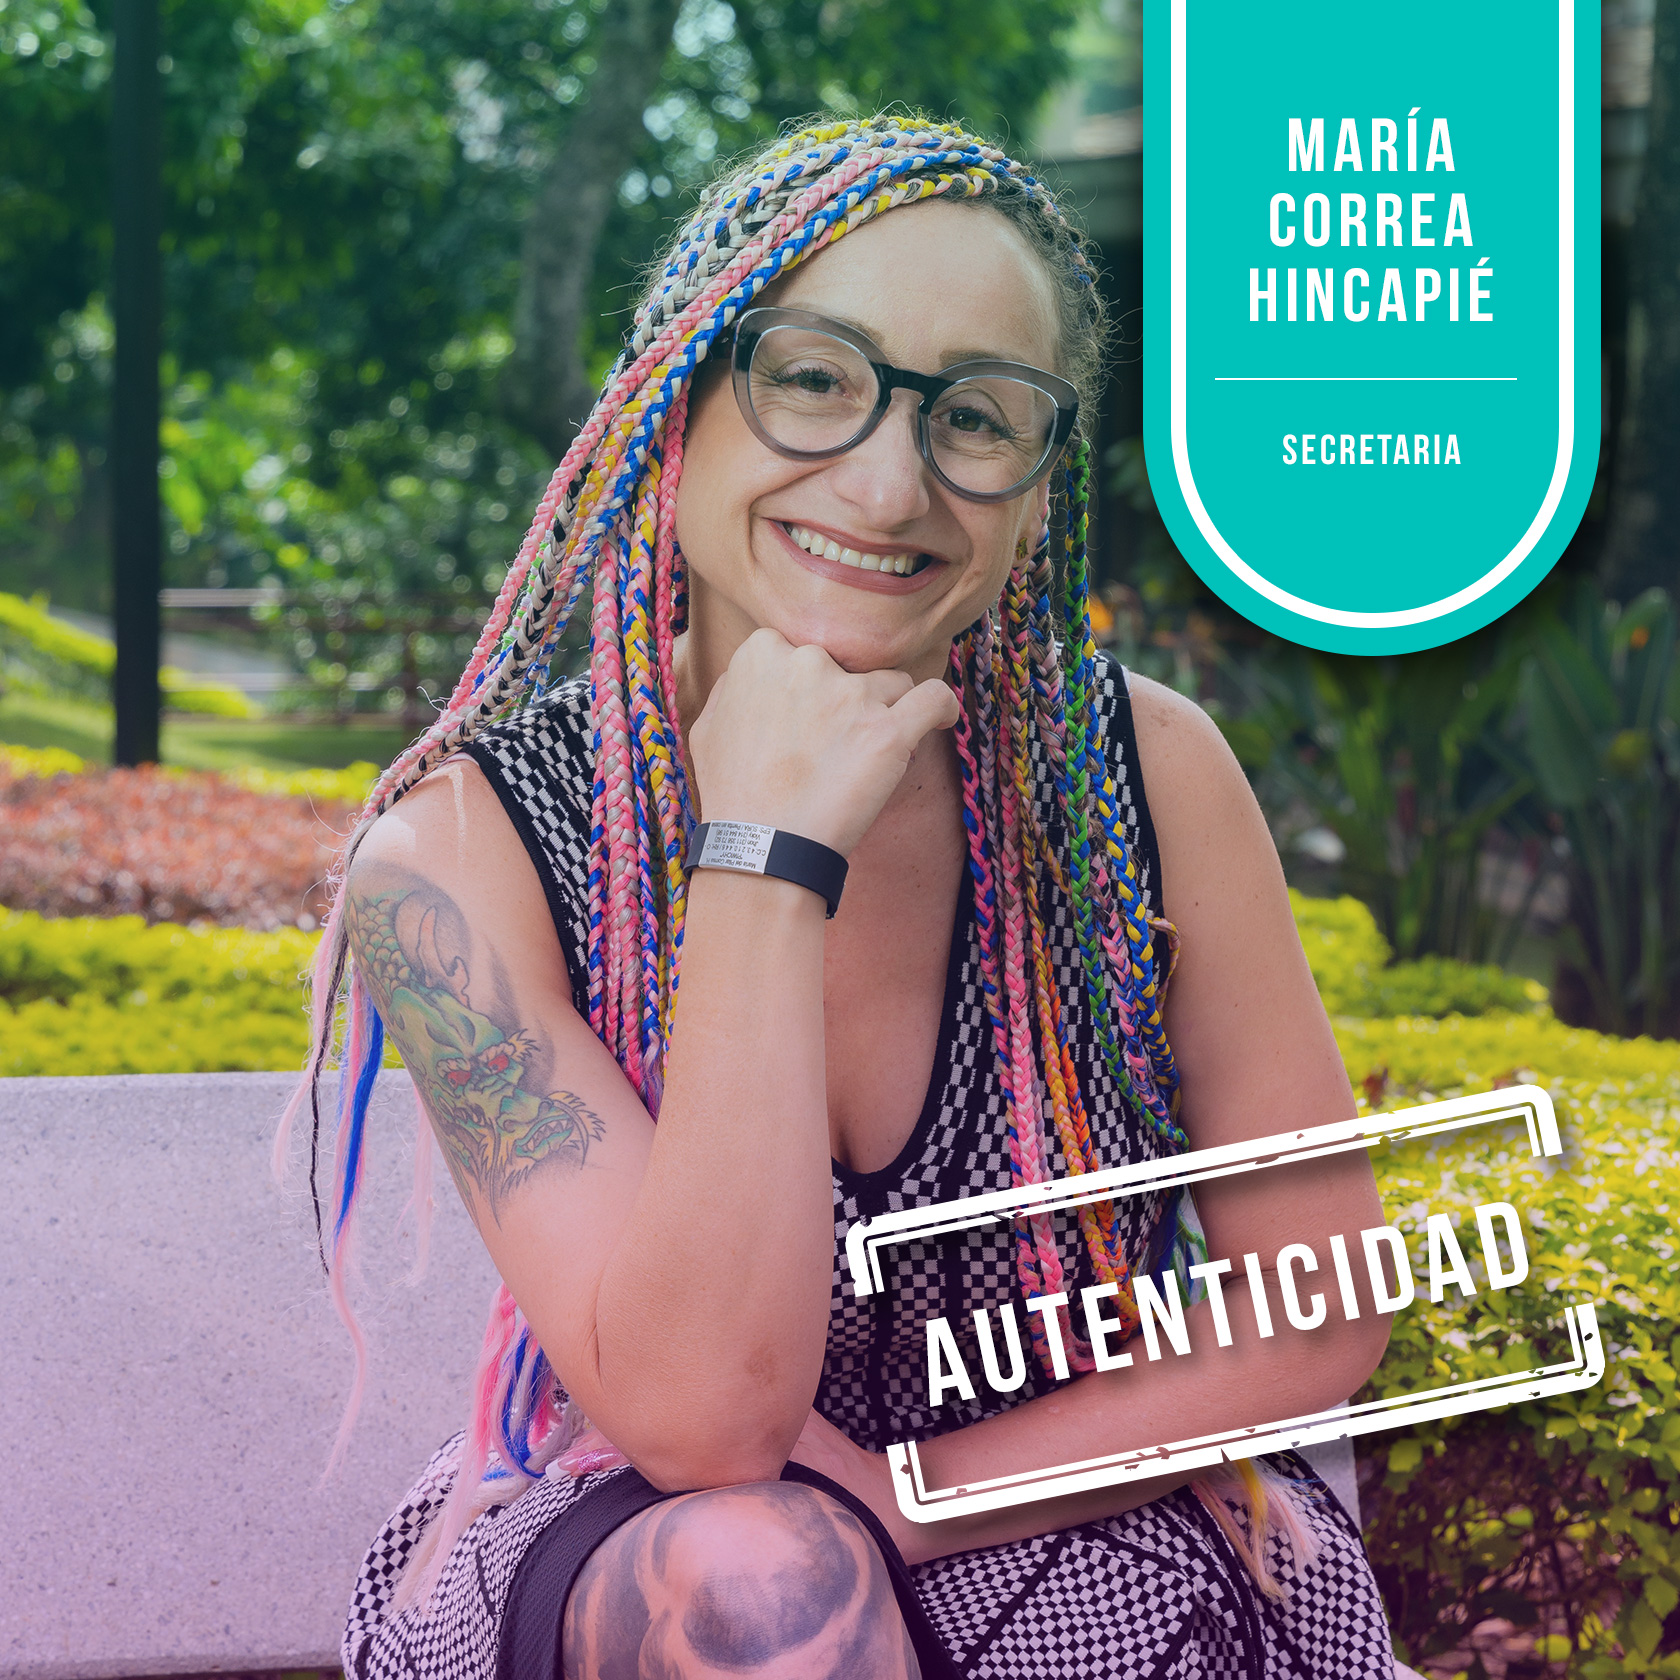 11-Maria-Correa